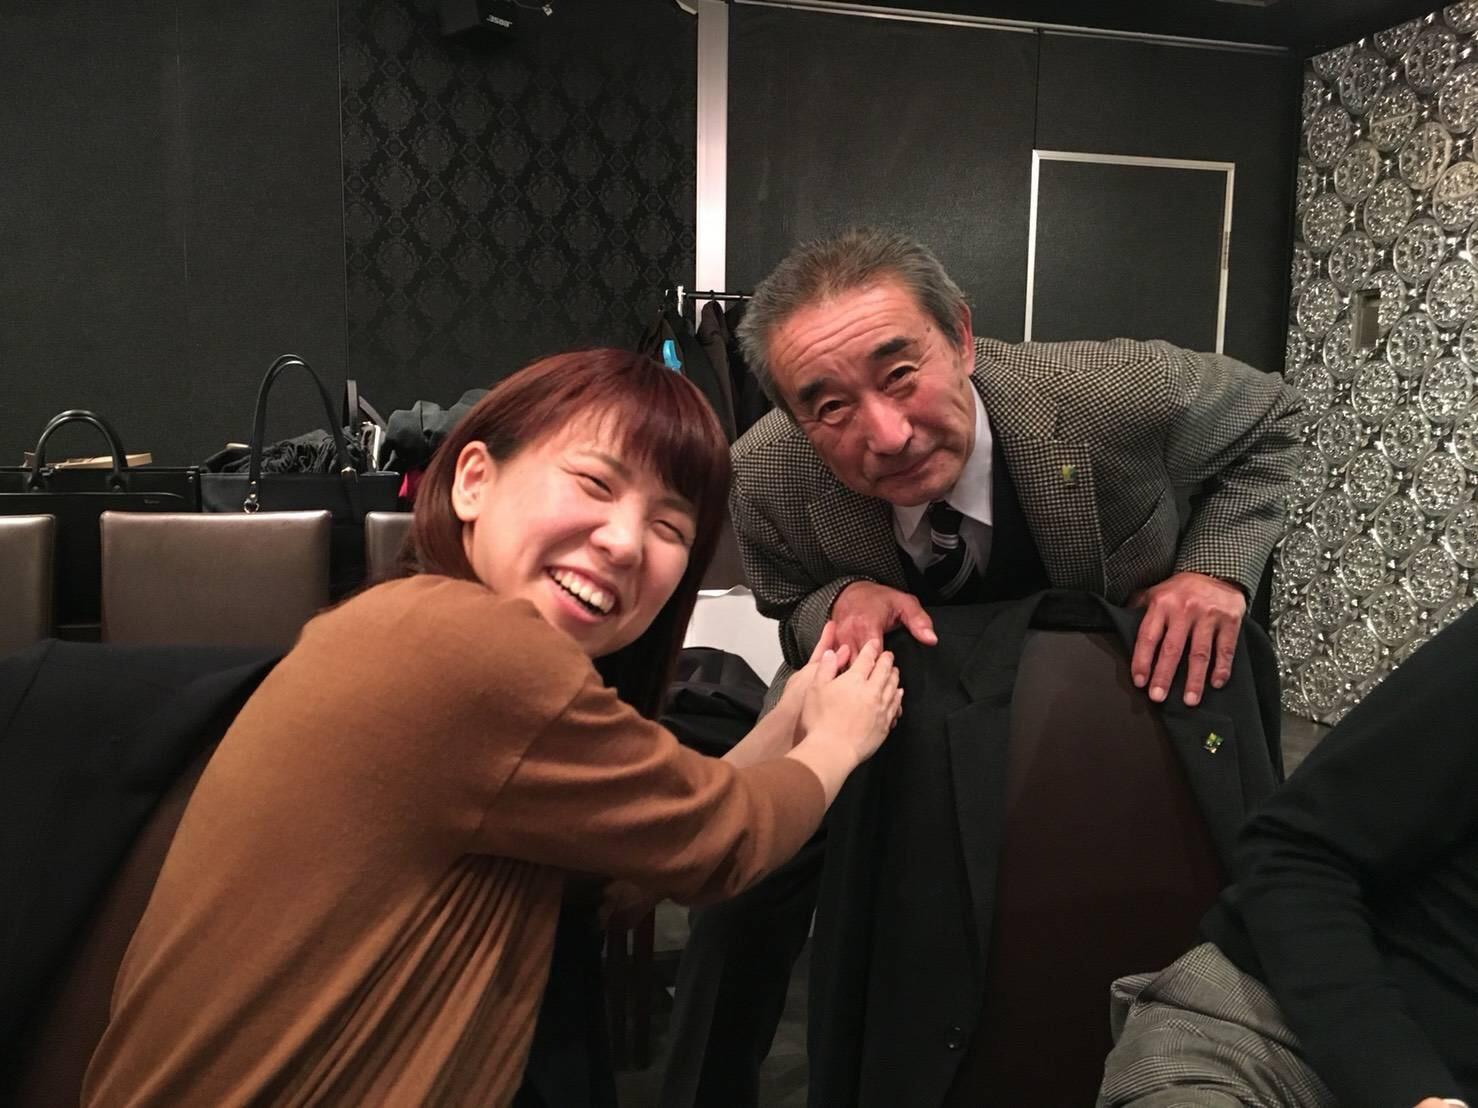 役員さんと記念撮影(^^)